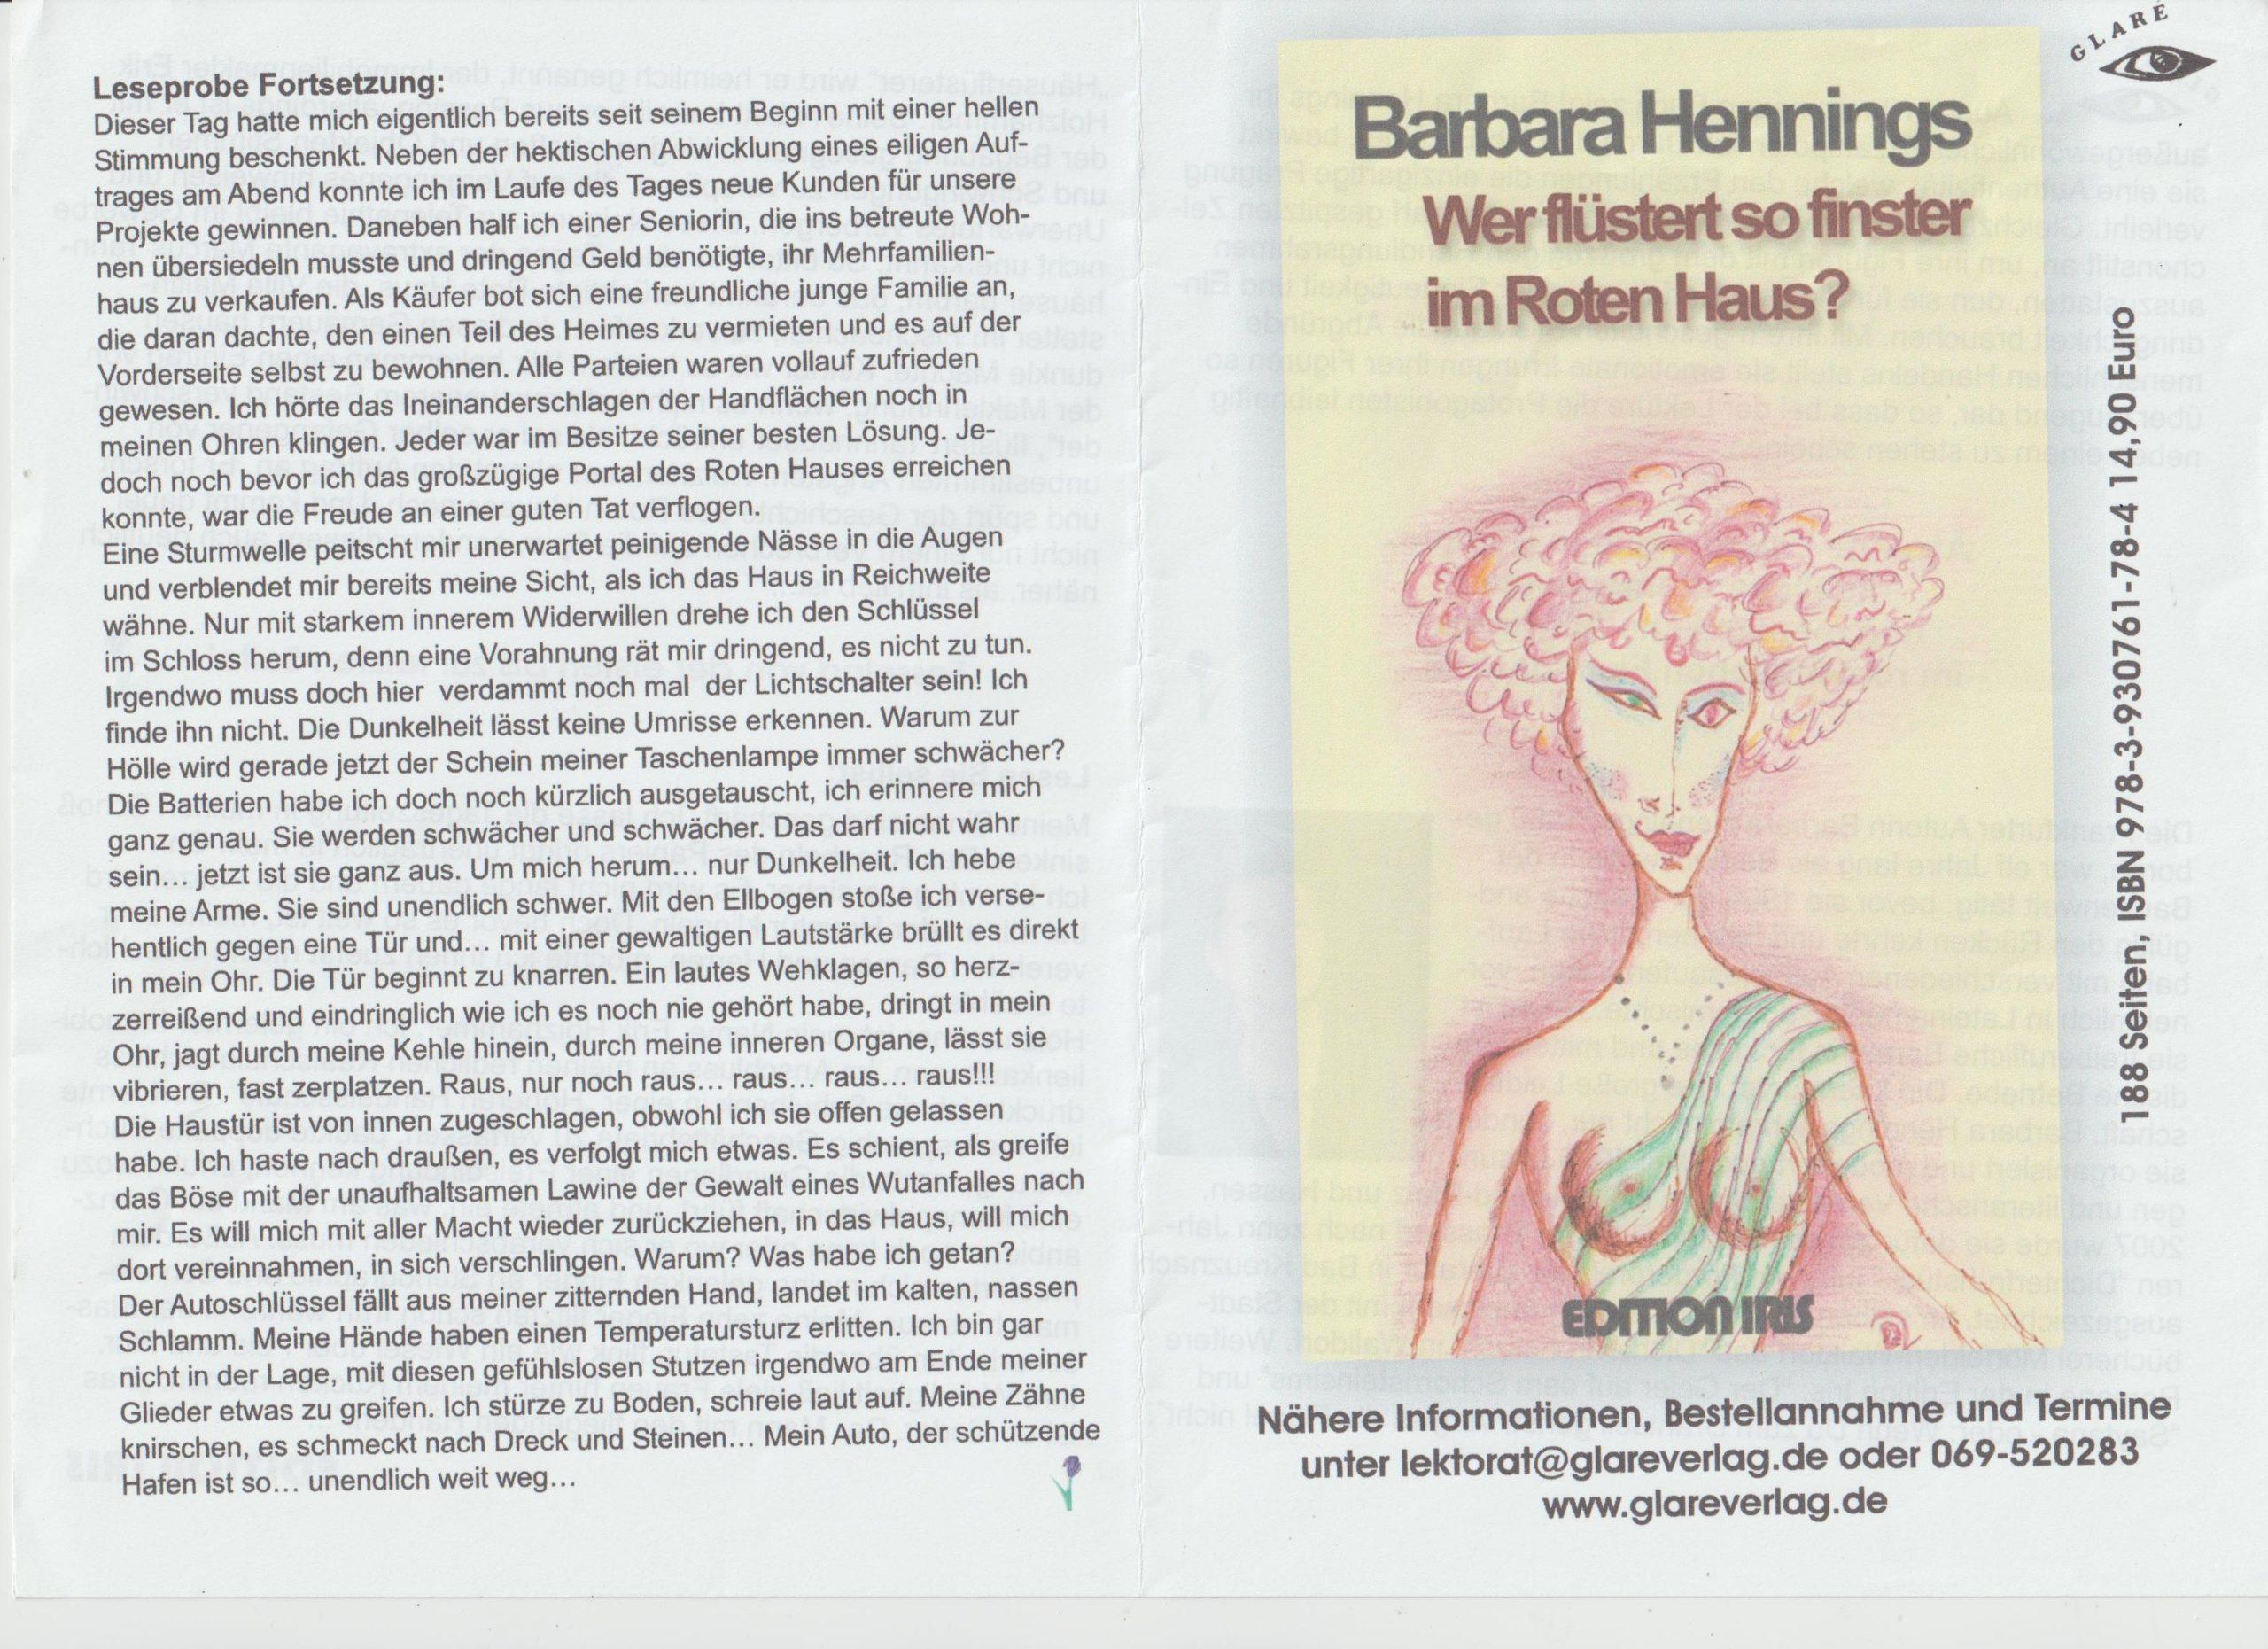 Leseprobe Seite 1(1)2